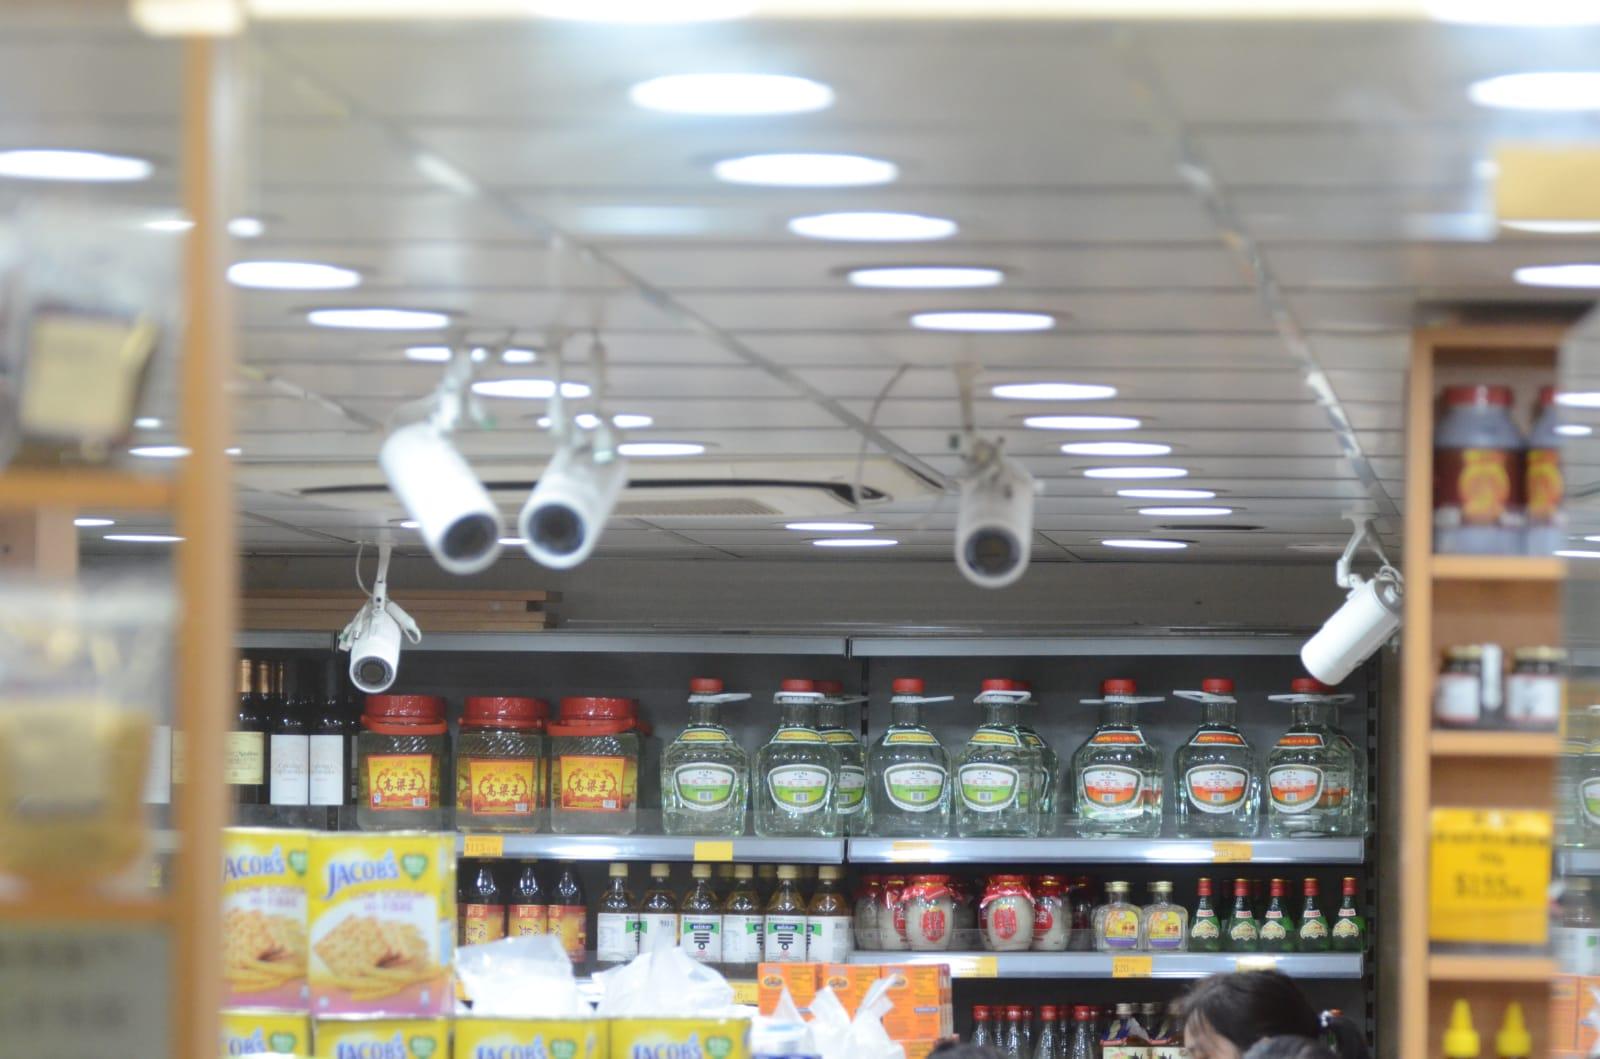 店鋪內外共裝有至少10個閉路電視鏡頭。